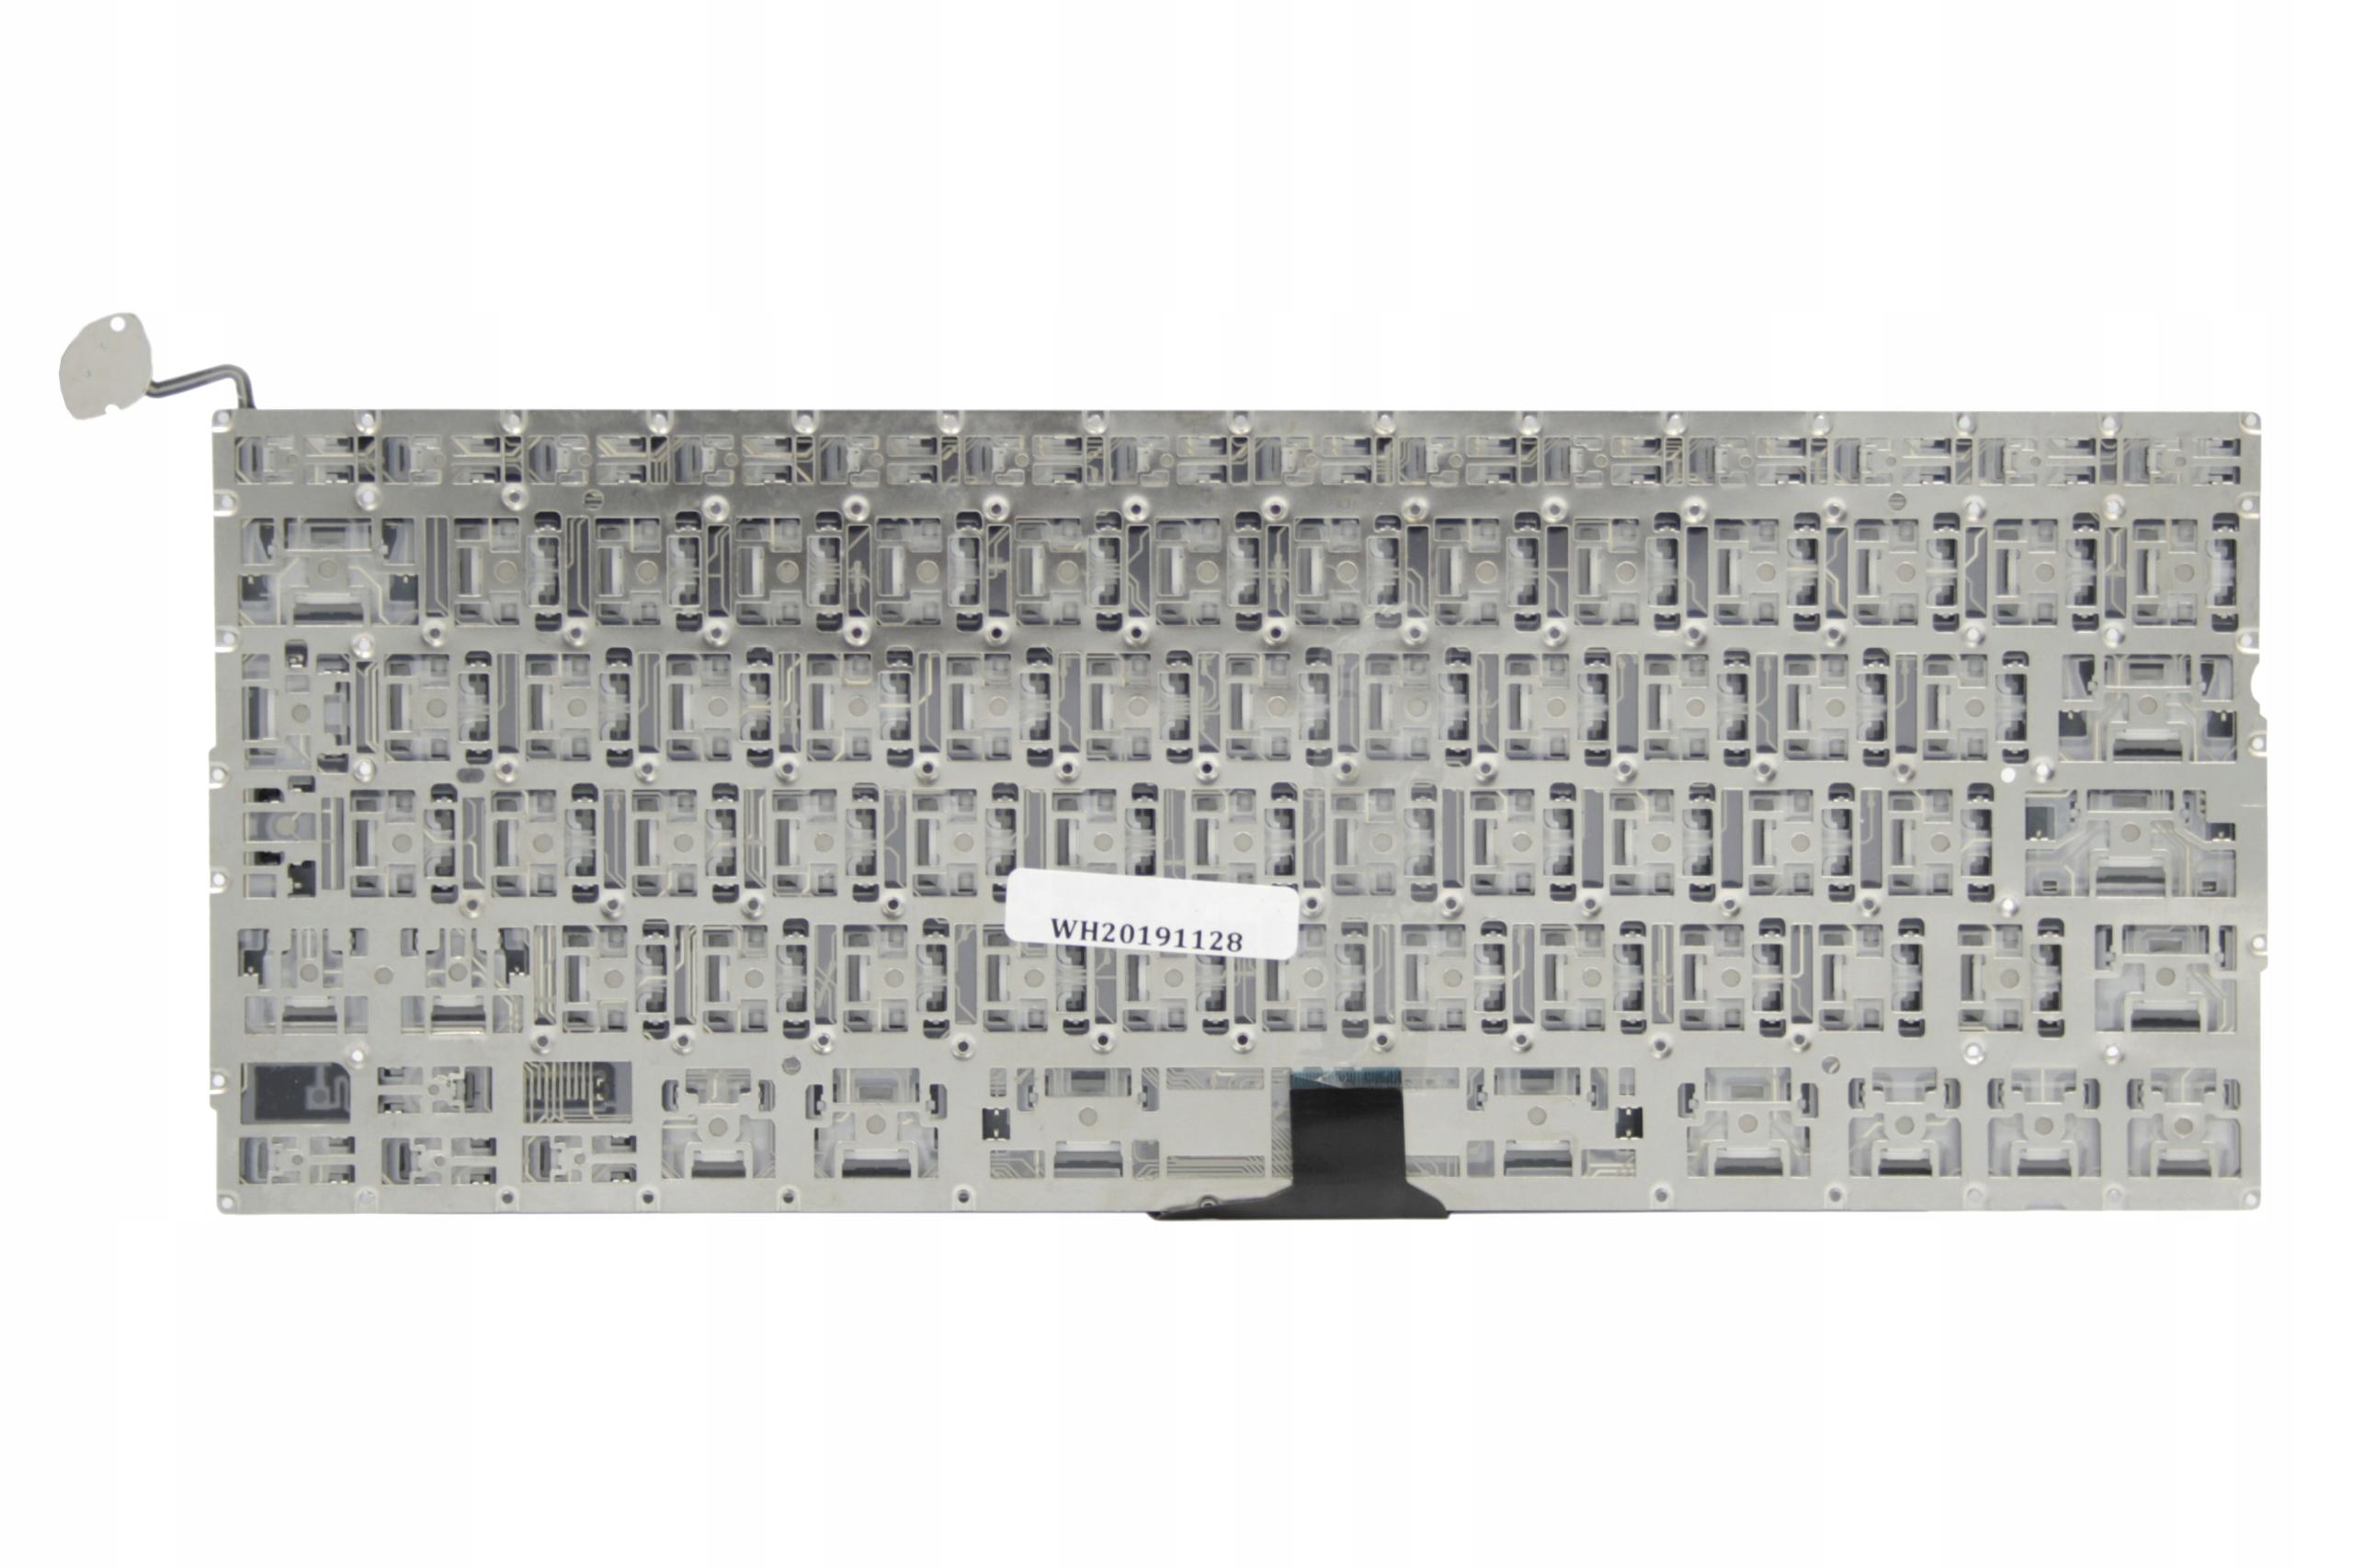 KLAWIATURA APPLE MACBOOK PRO A1278 - Klawiatury do laptopów